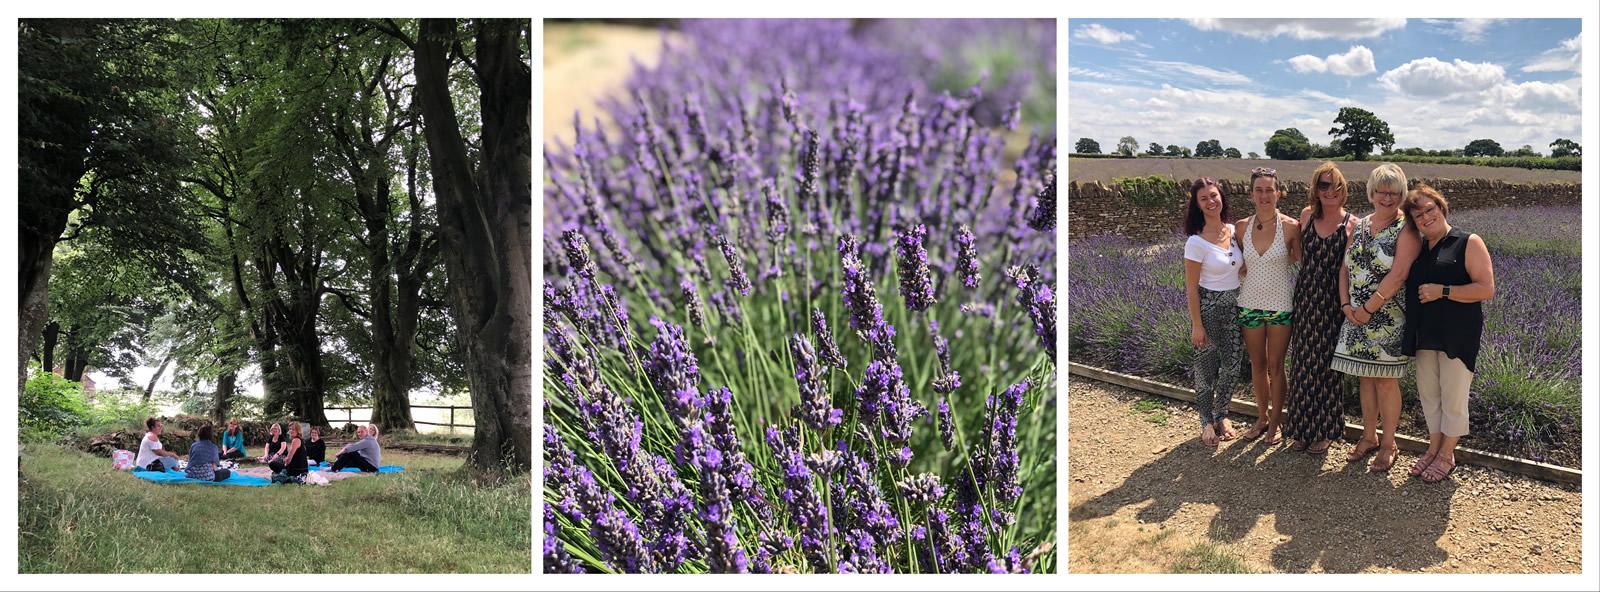 Tree lavender workshops